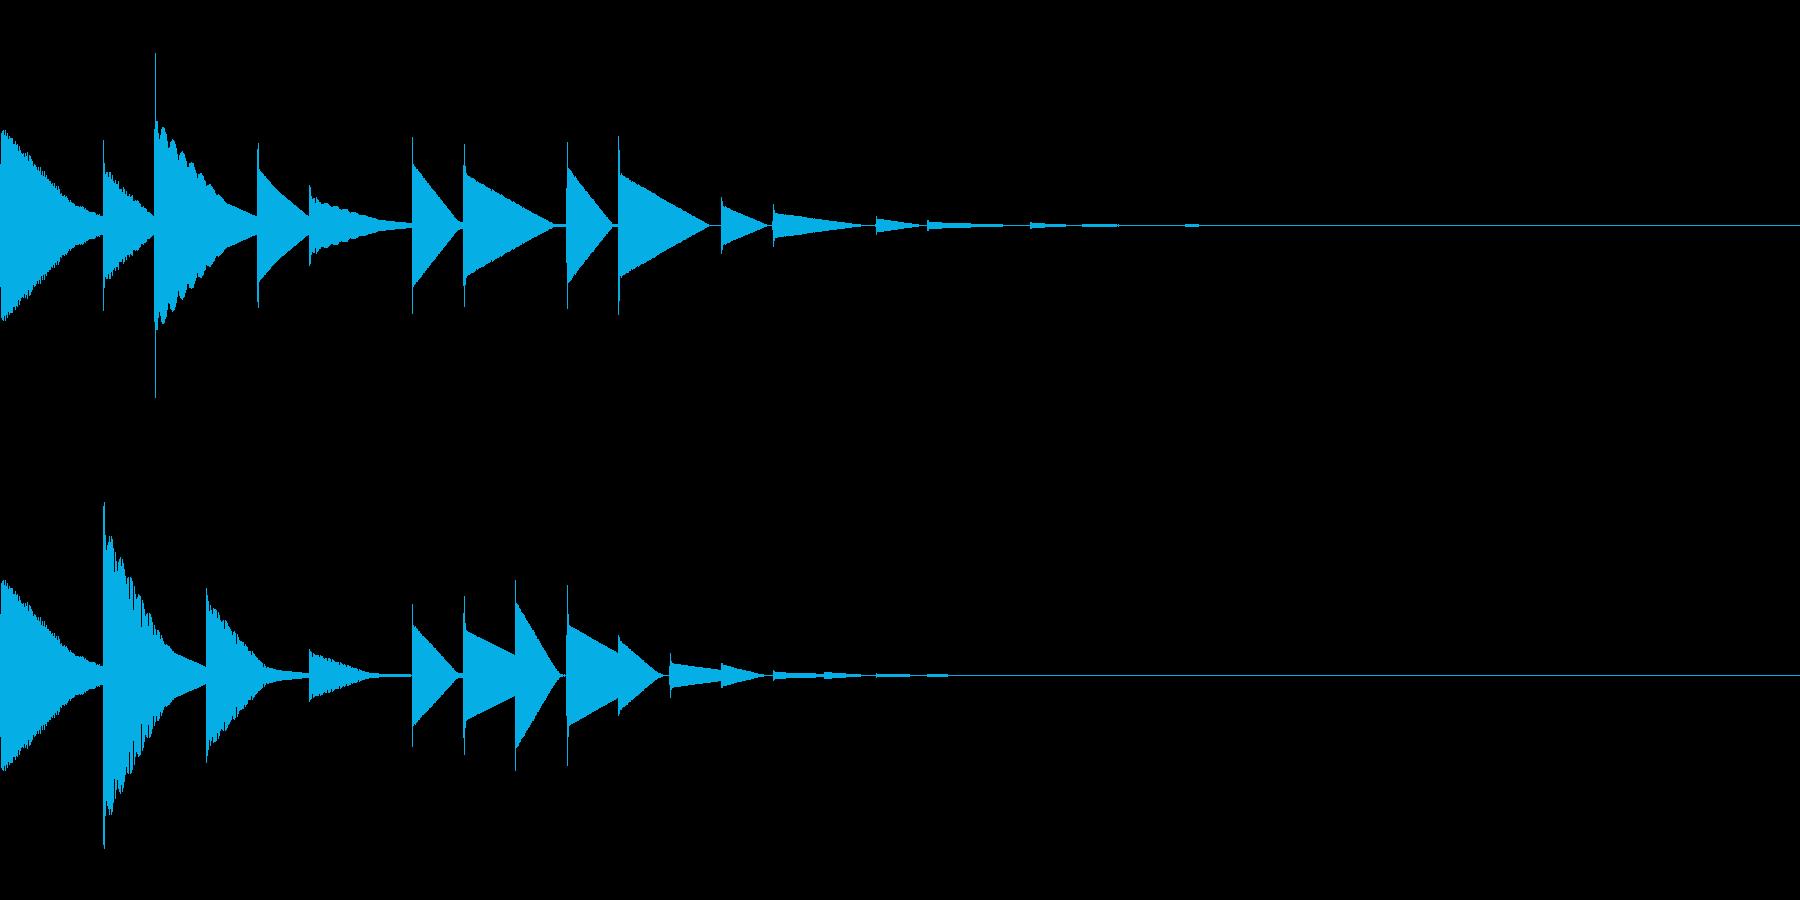 ピロリン#2(宿屋/アイキャッチ回復魔法の再生済みの波形